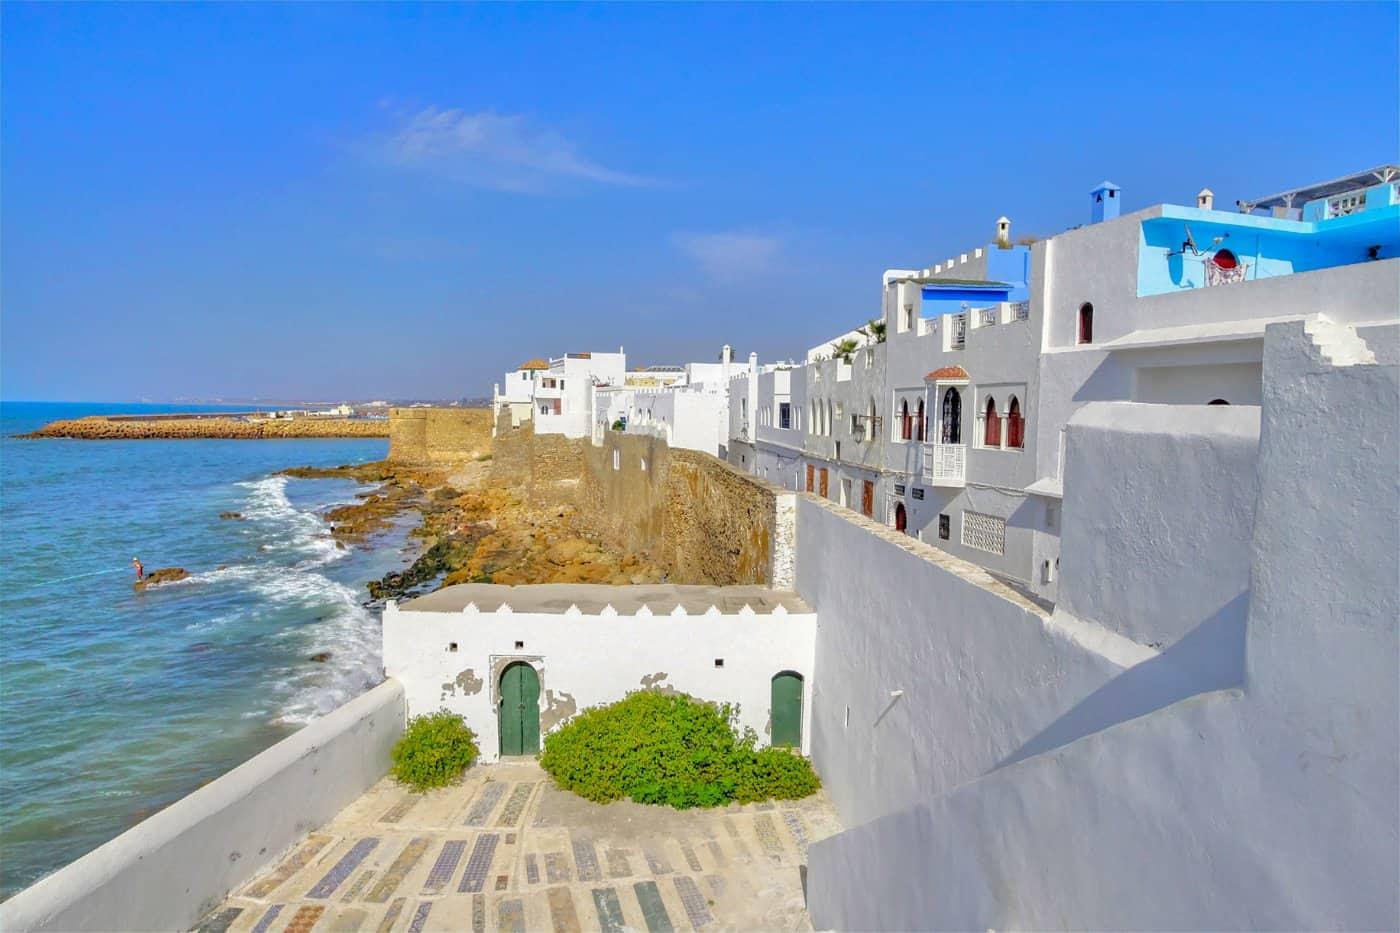 افضل 7 من فنادق اصيلة المغرب موصى بها 2020